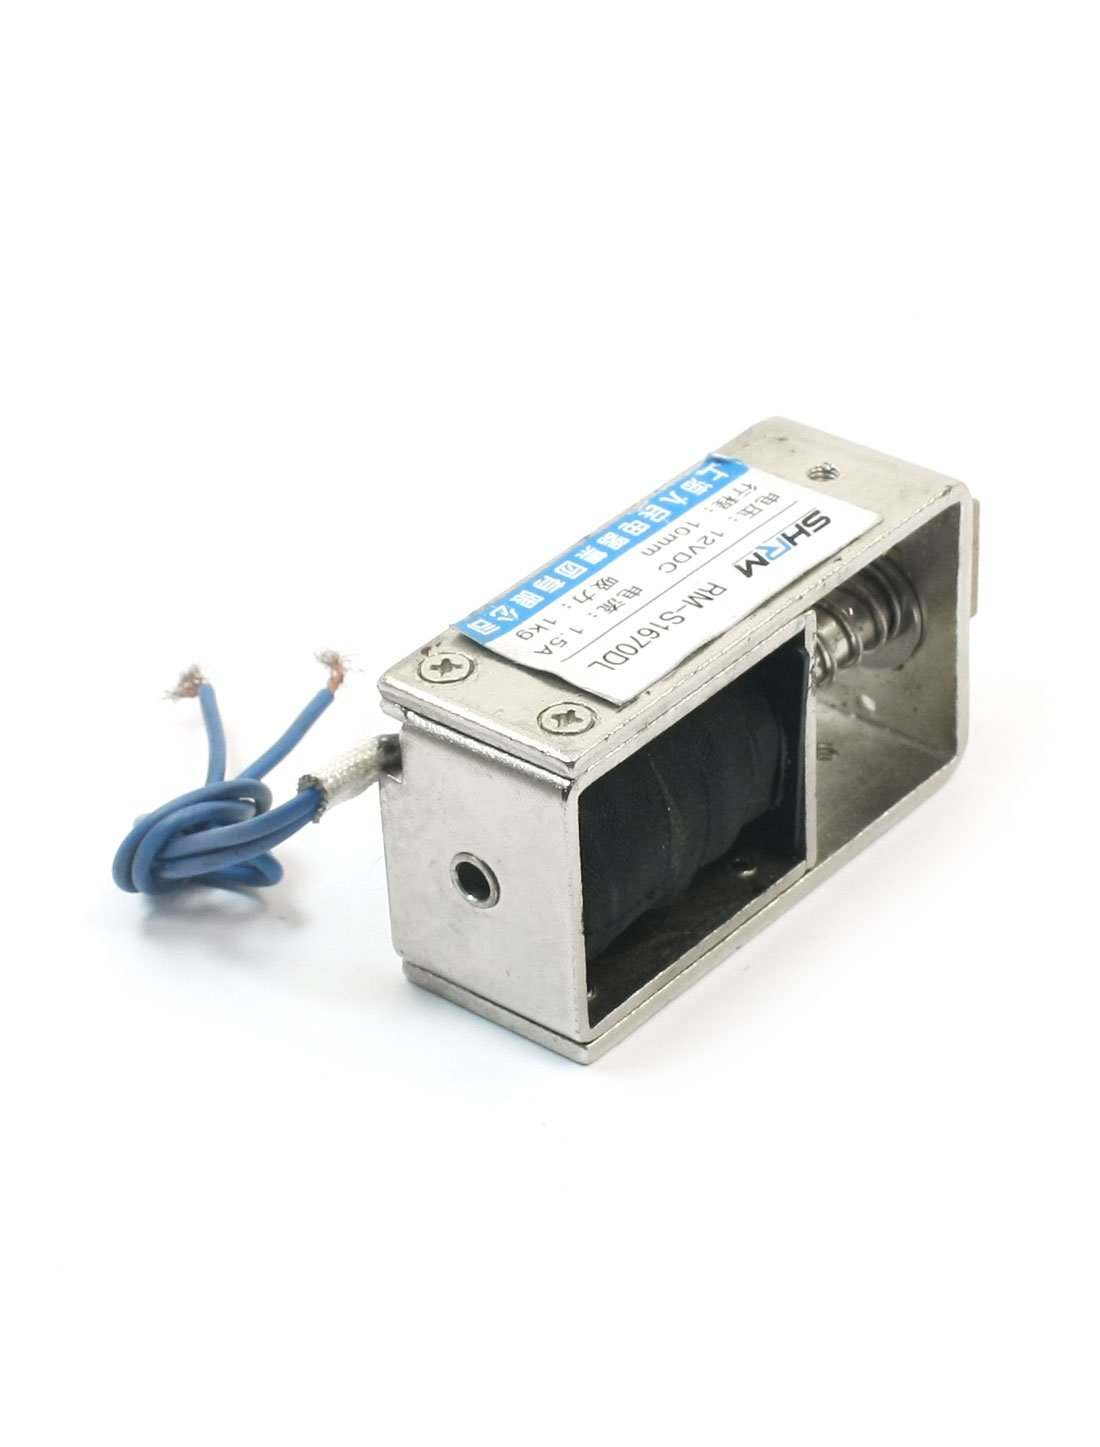 Amazon.com : Marco de la puerta de bloqueo eléctrico abierto electroimán del solenoide 1 kg / 10 mm 12V CC : Baby